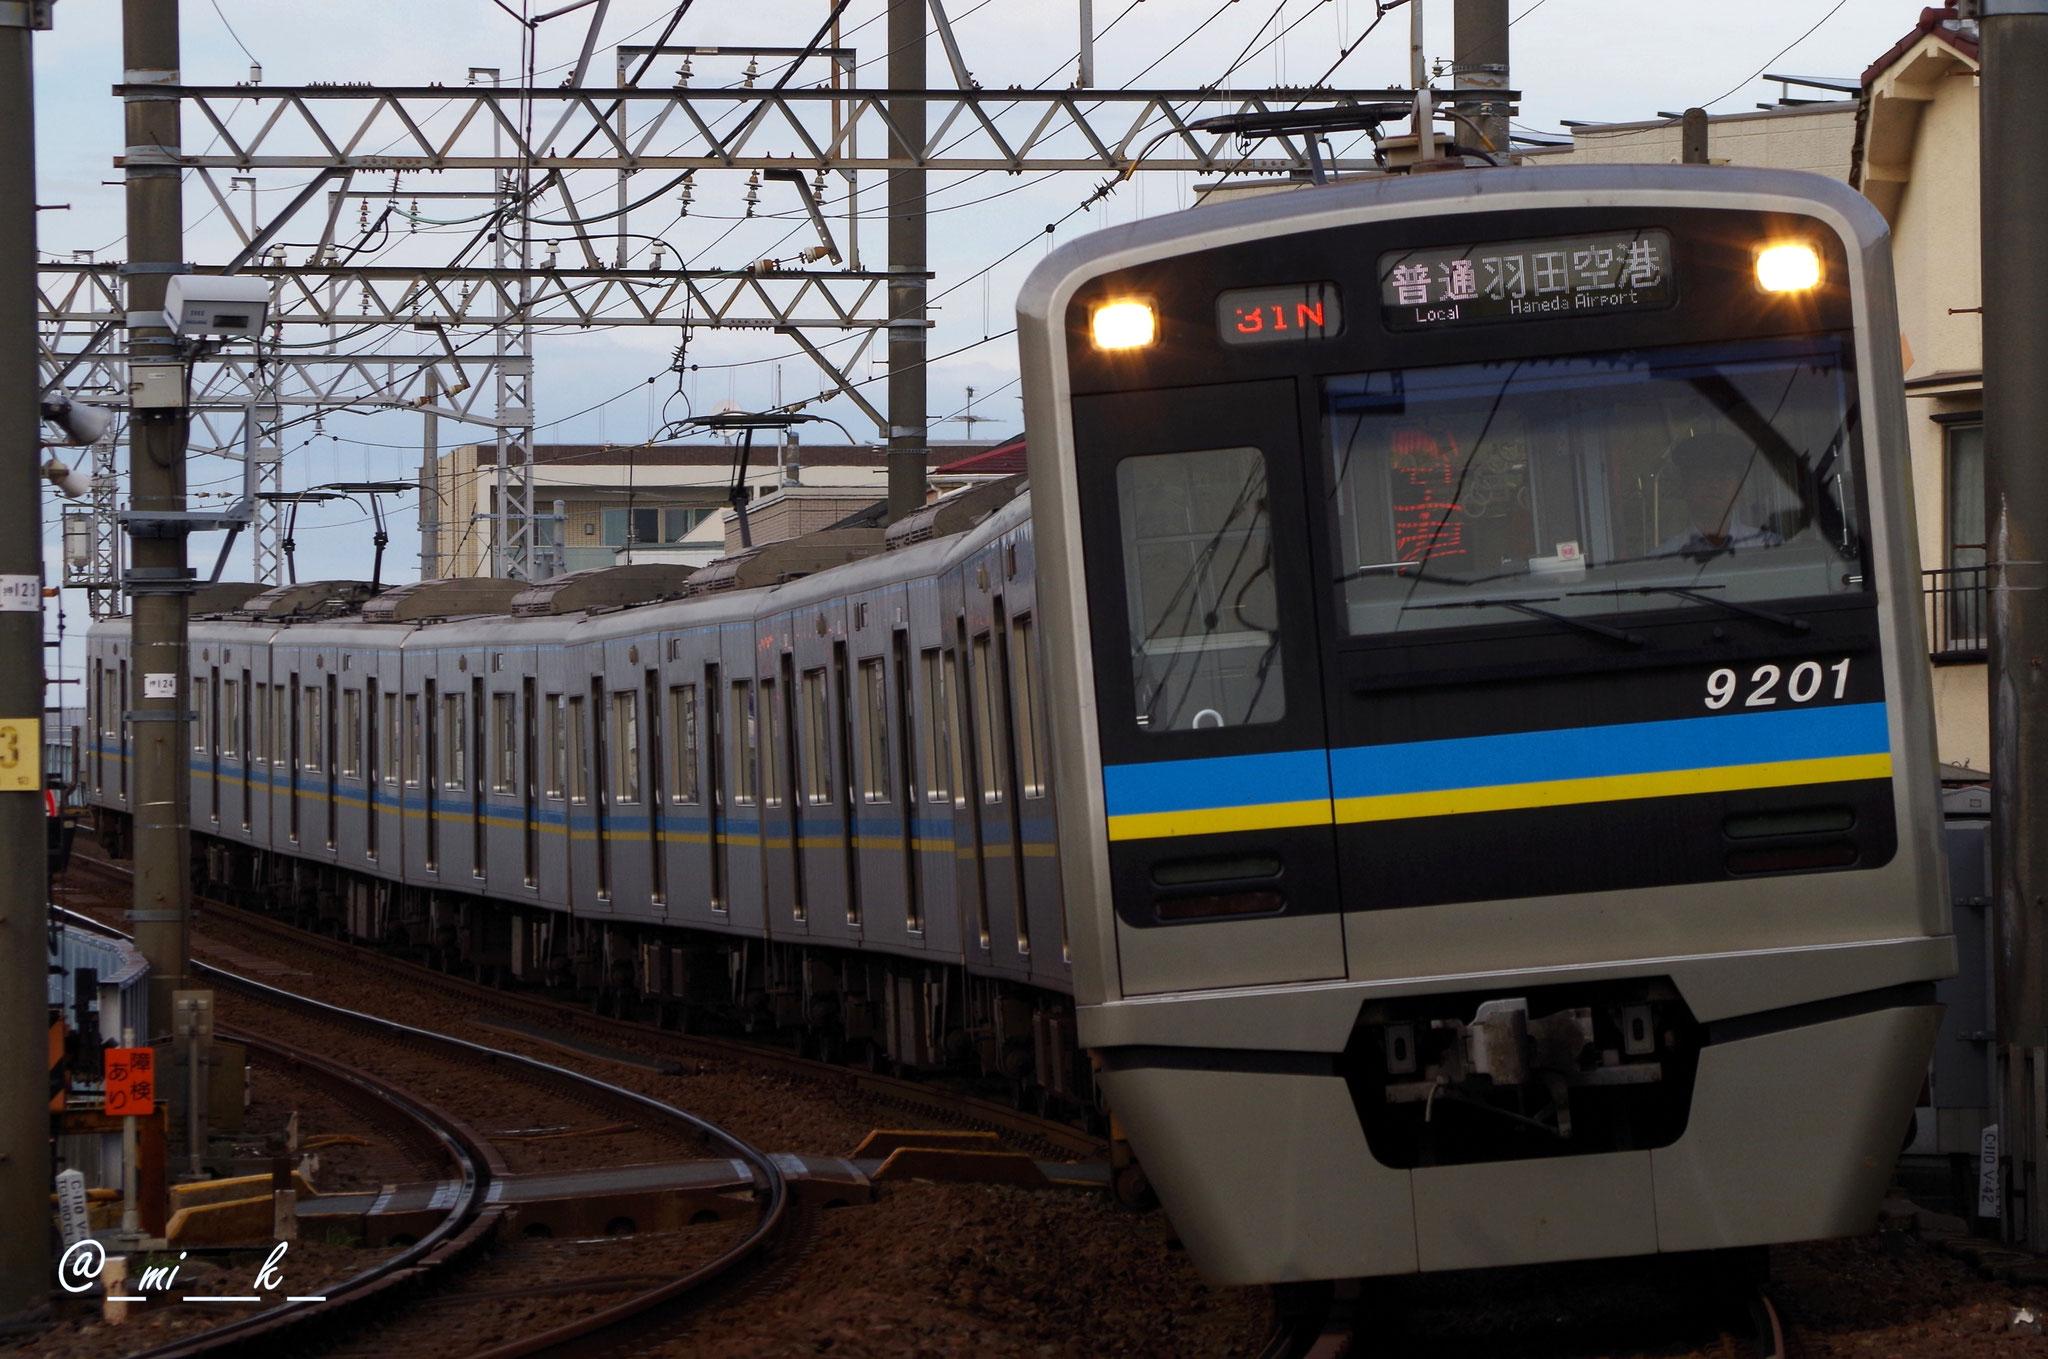 京成グループ標準車体では5タイプ目。北総線でオールマイティに活躍する。